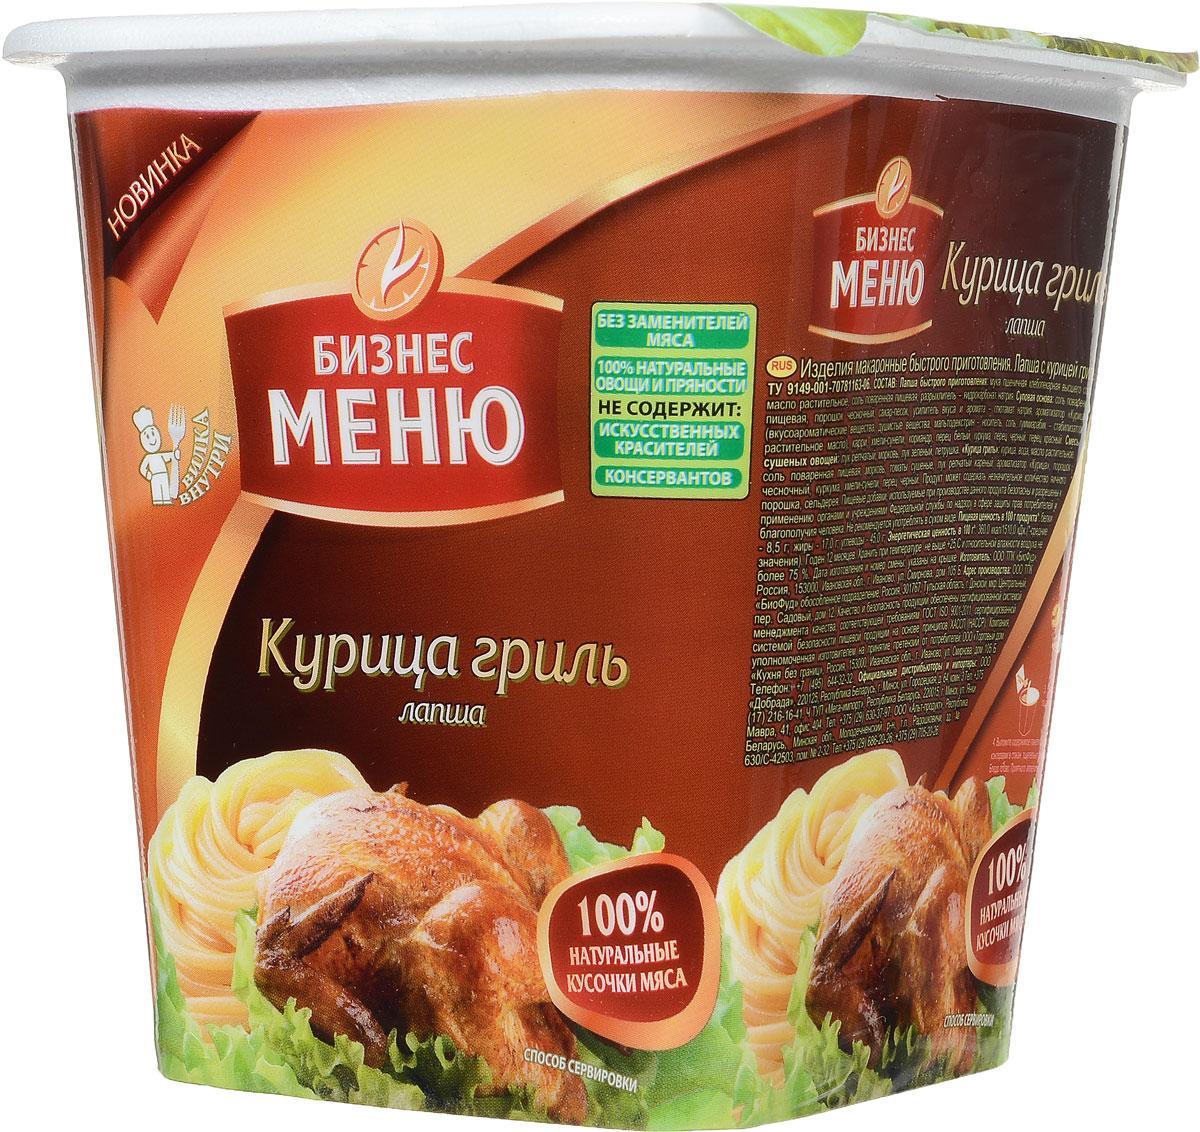 Бизнес Меню Лапша быстрого приготовления курица гриль, 105 г